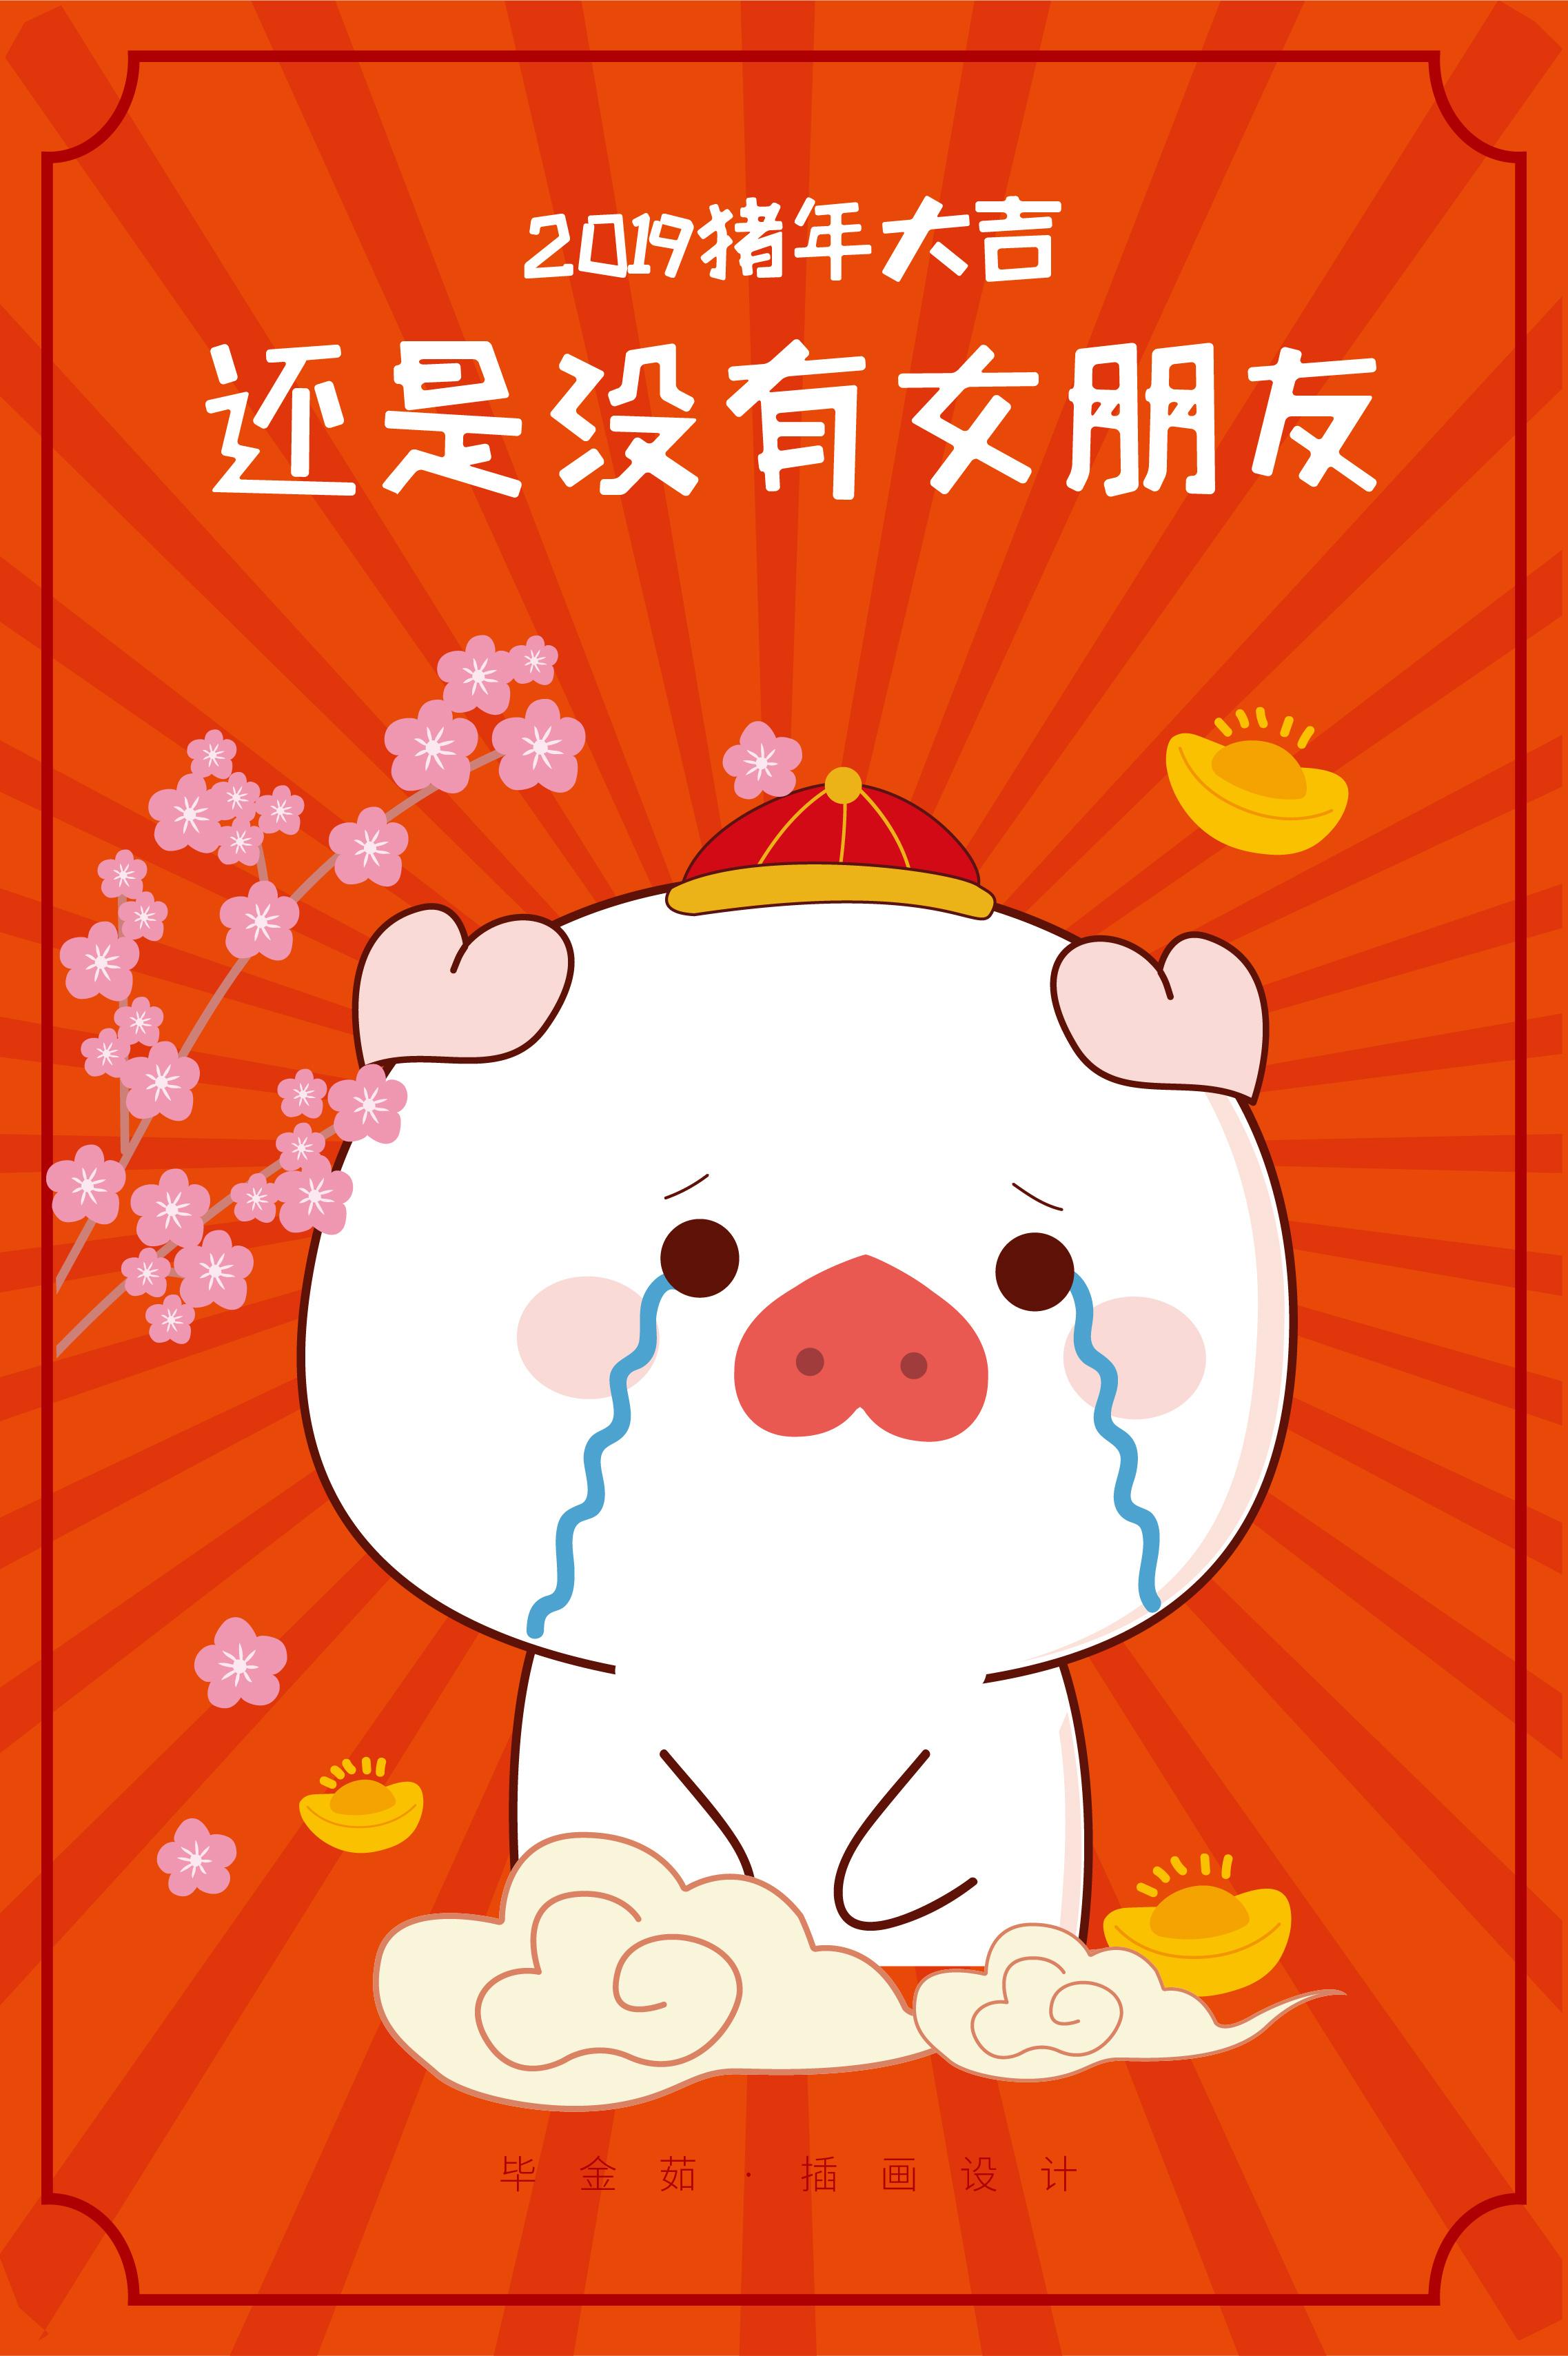 2019猪年大吉猪小爱图片系列衍生品元宝猪坏女生表情表情包笑发图片